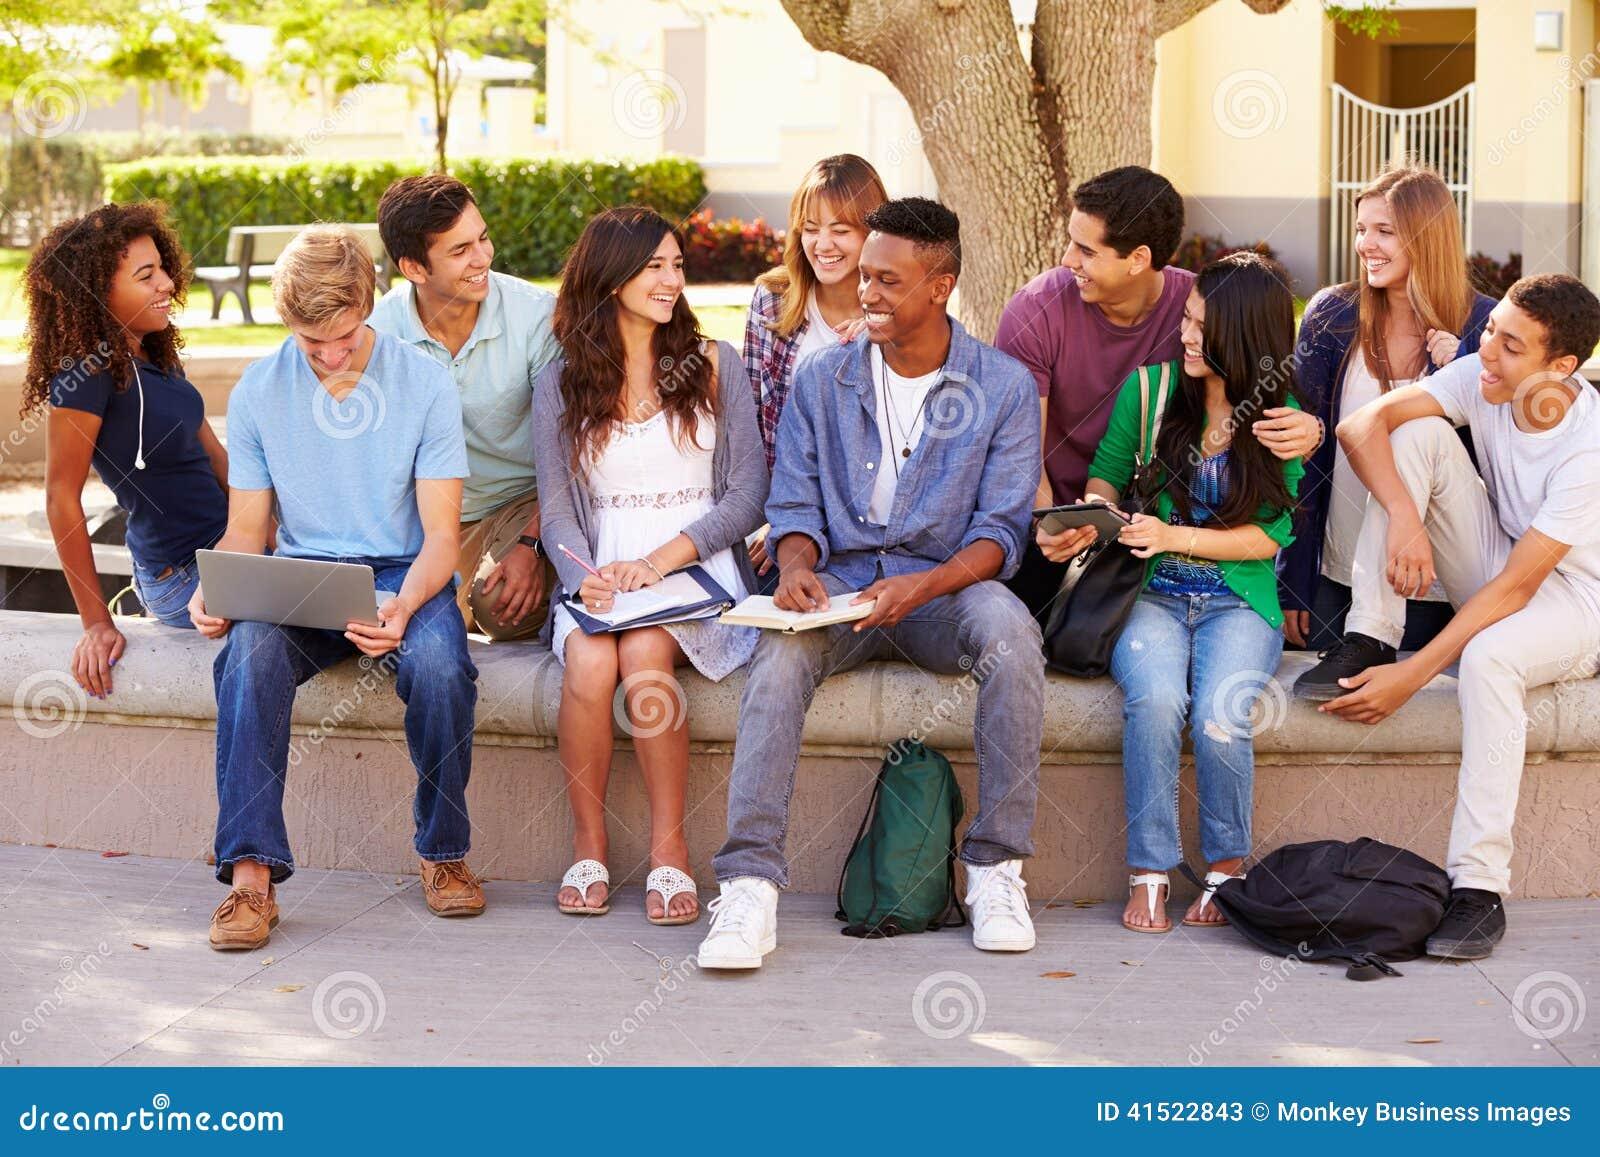 Υπαίθριο πορτρέτο των σπουδαστών γυμνασίου στην πανεπιστημιούπολη